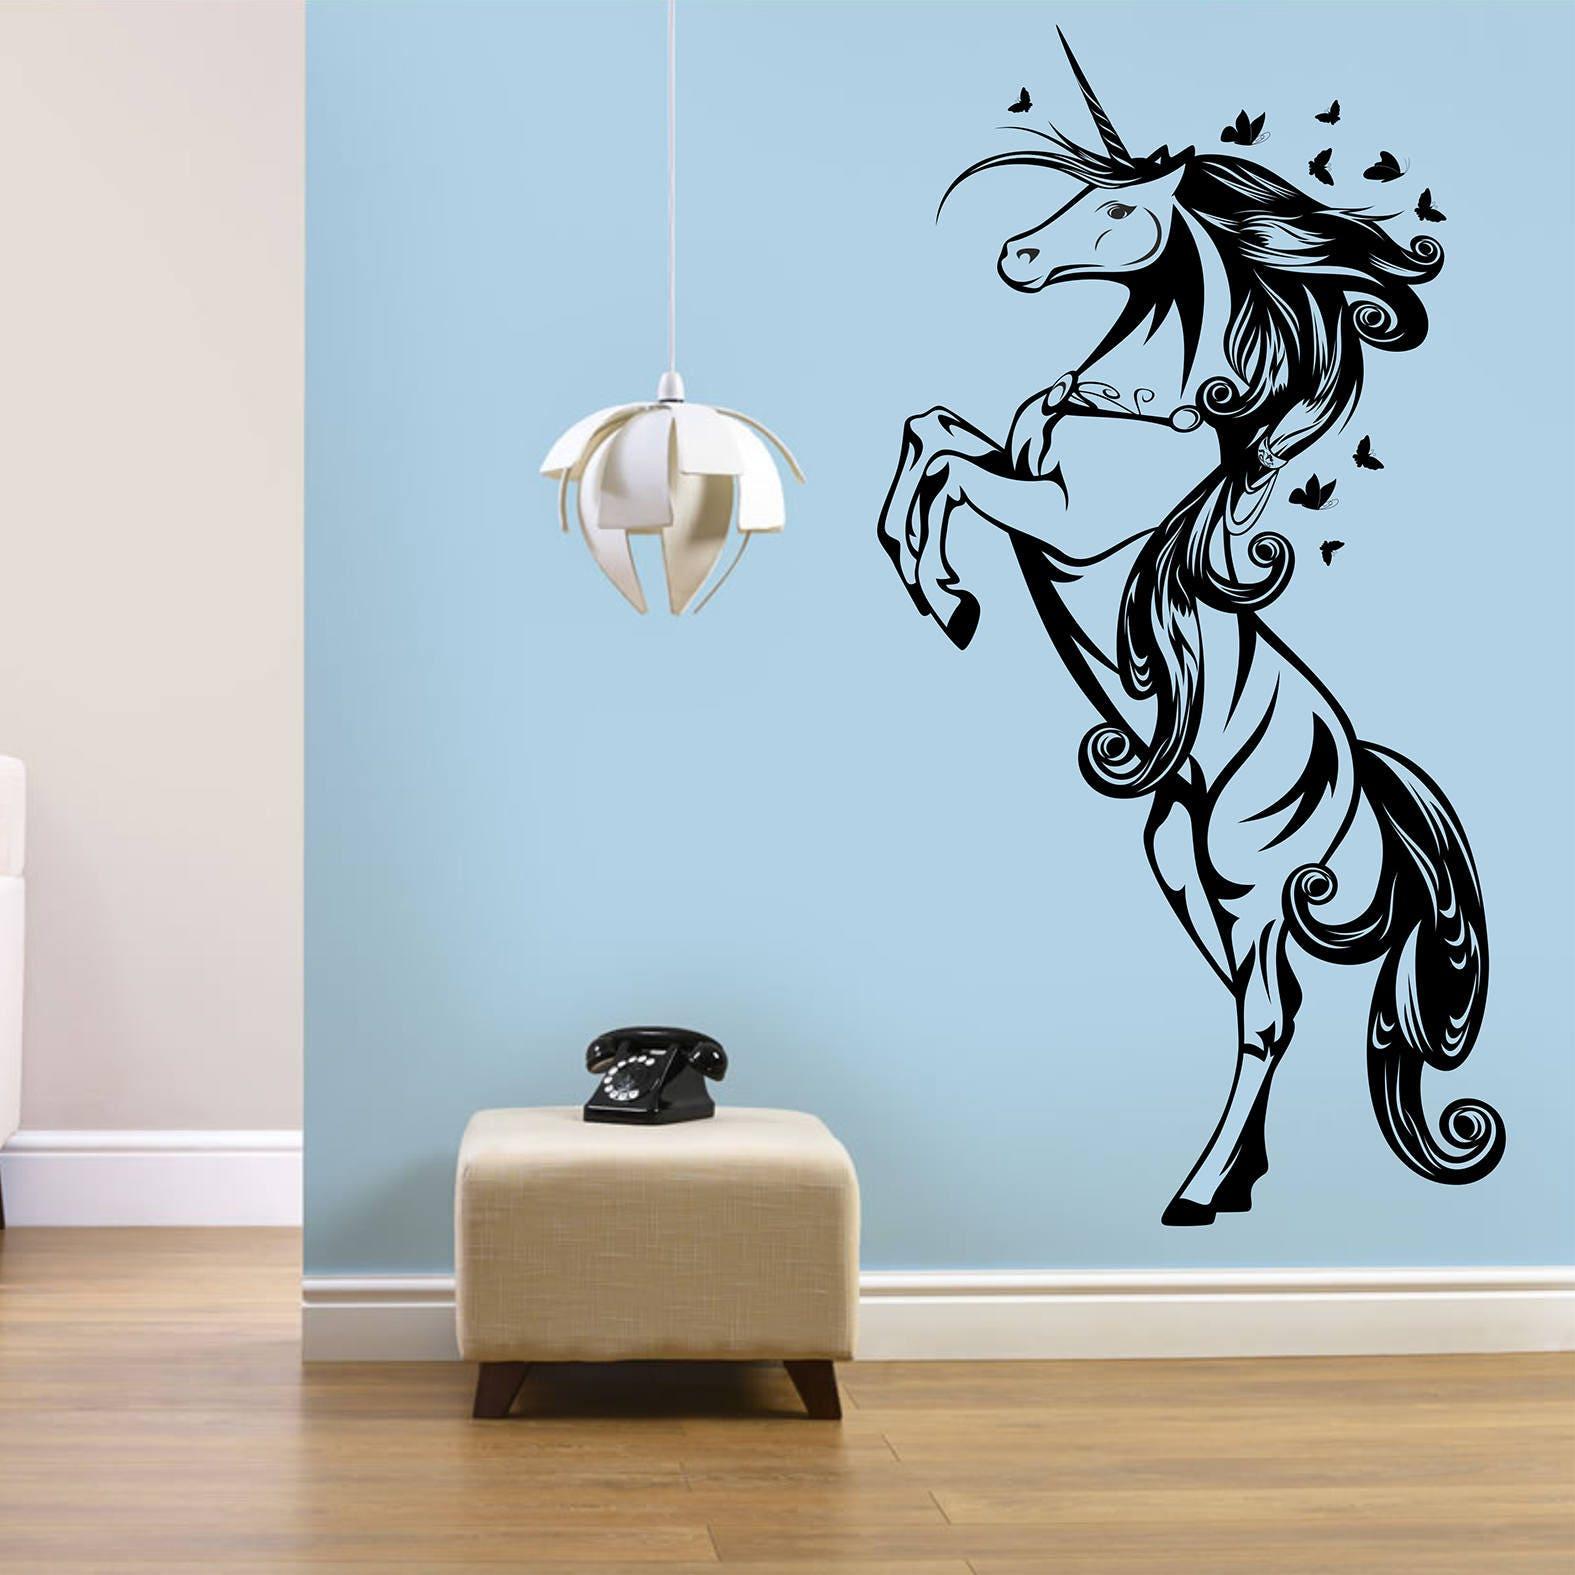 Wandtattoo Einhorn Einhorn-Wand-Dekor Art Sticker Fantasy